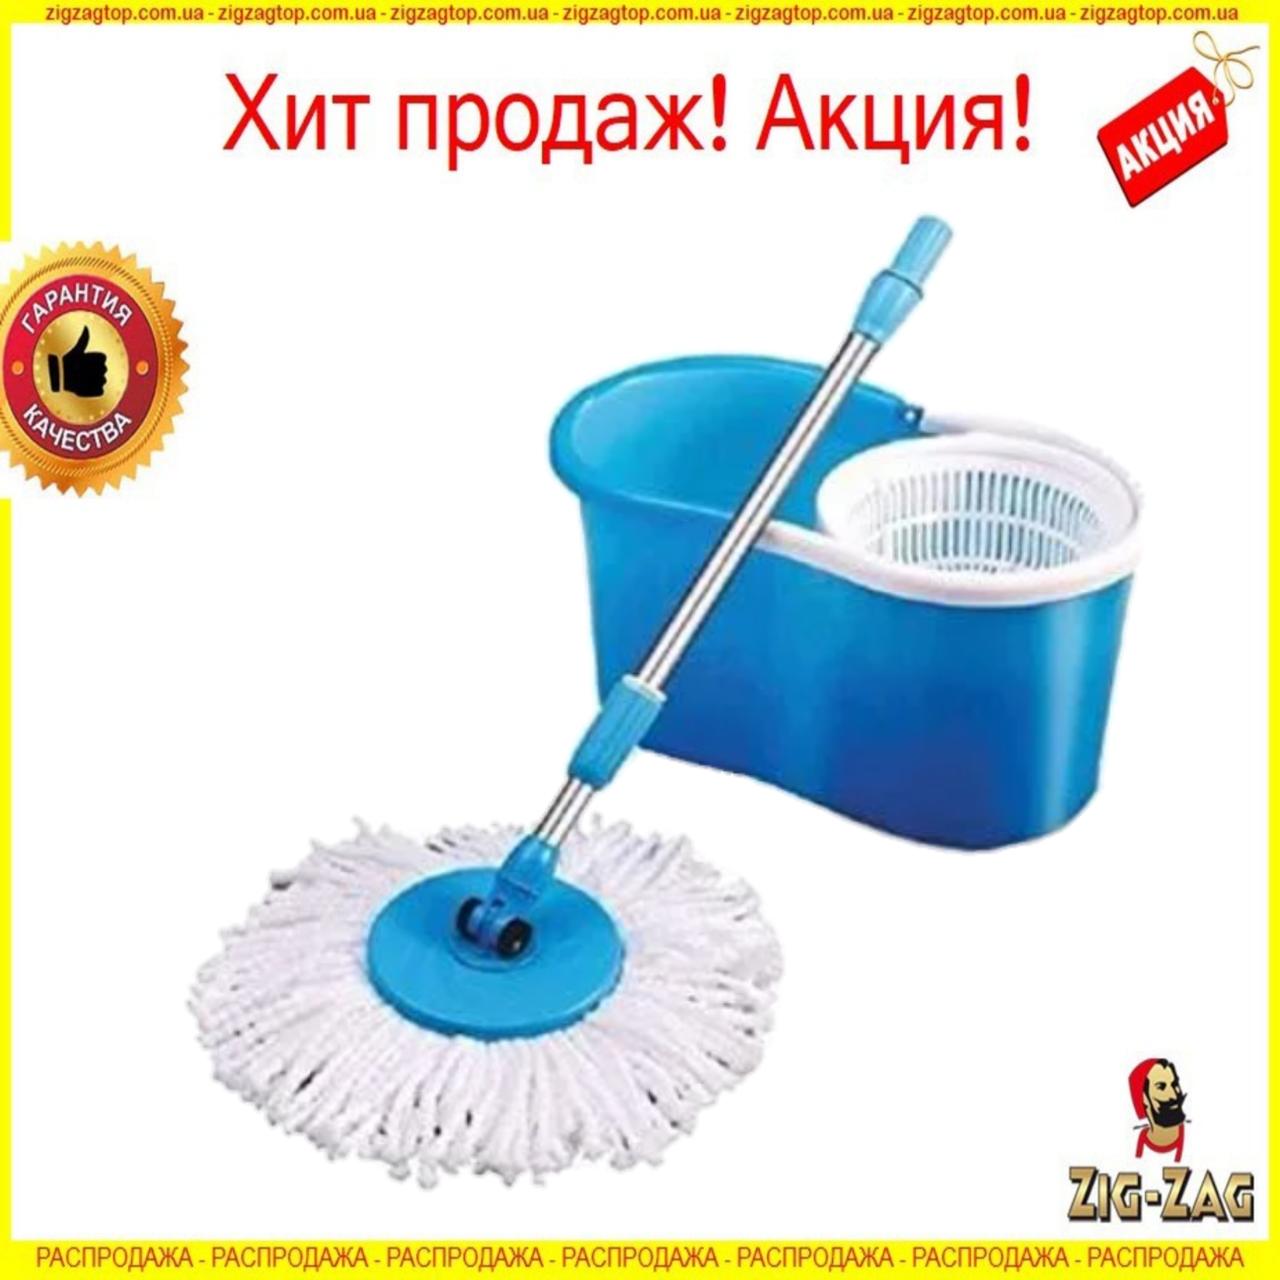 Универсальная швабра с отжимом-центрифугой и ведром Easy Mop Круглая Швабра моп для влажной и сухой уборки NEW